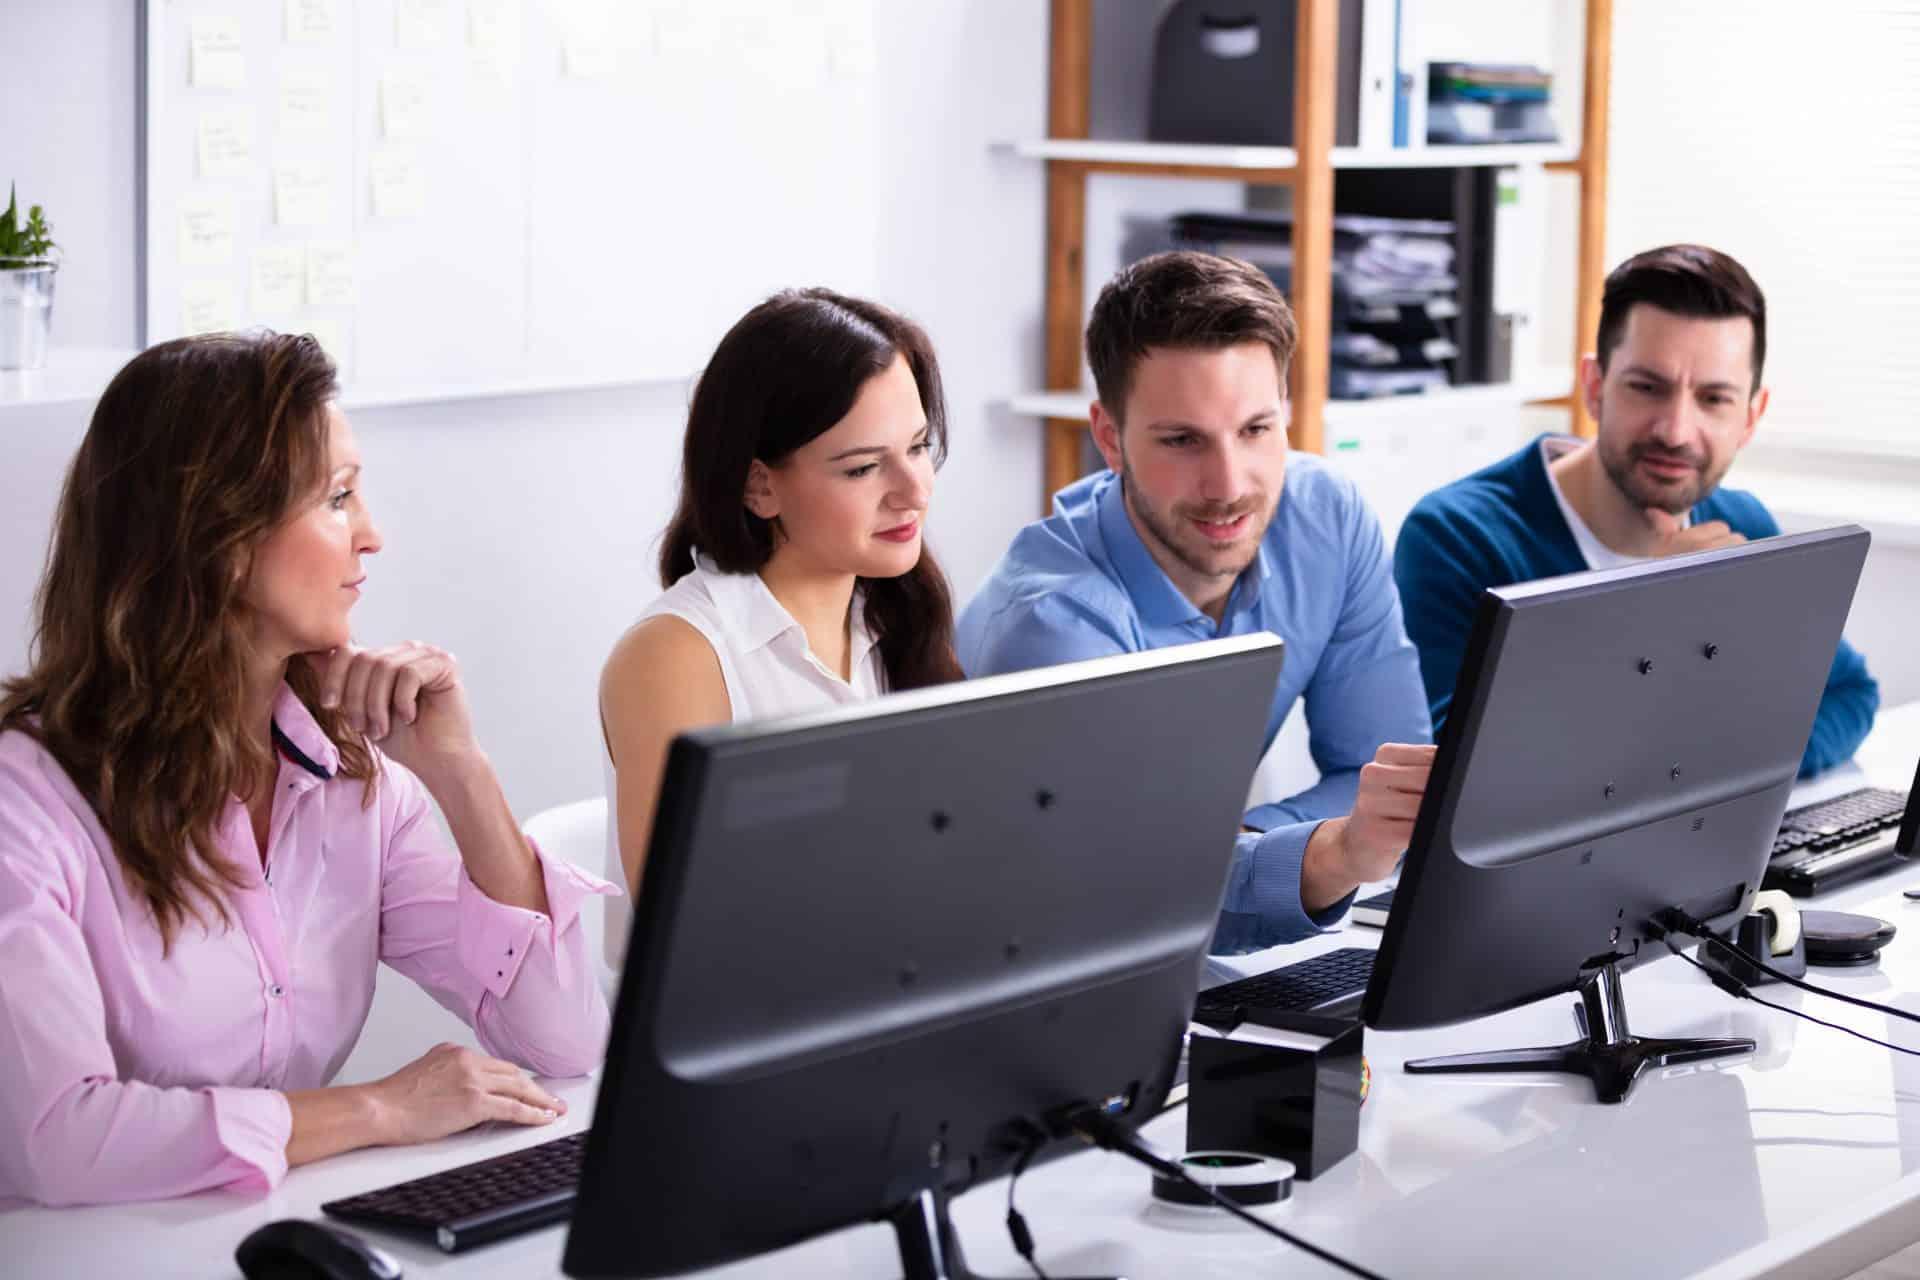 גם לימודים מעניינים וגם קריירה מבטיחה: הכירו את המקצוע המבוקש שעוד לא שמעתם עליו